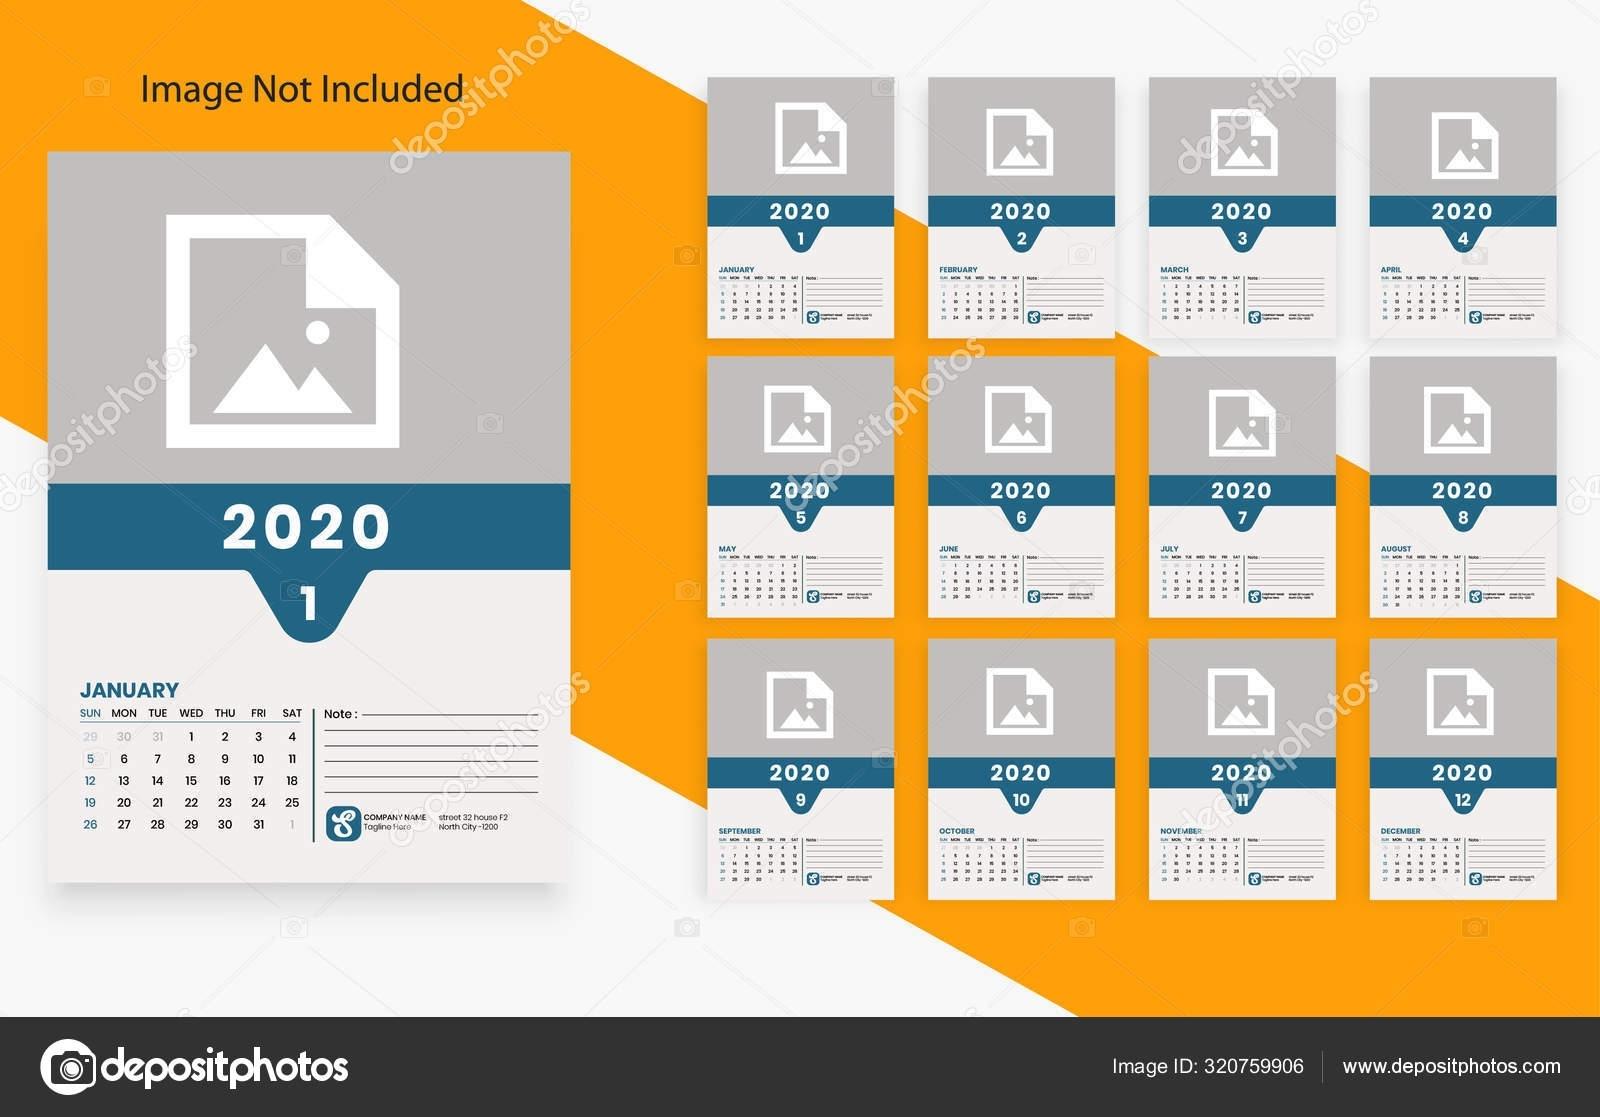 Collect Depo Dosing Calendar